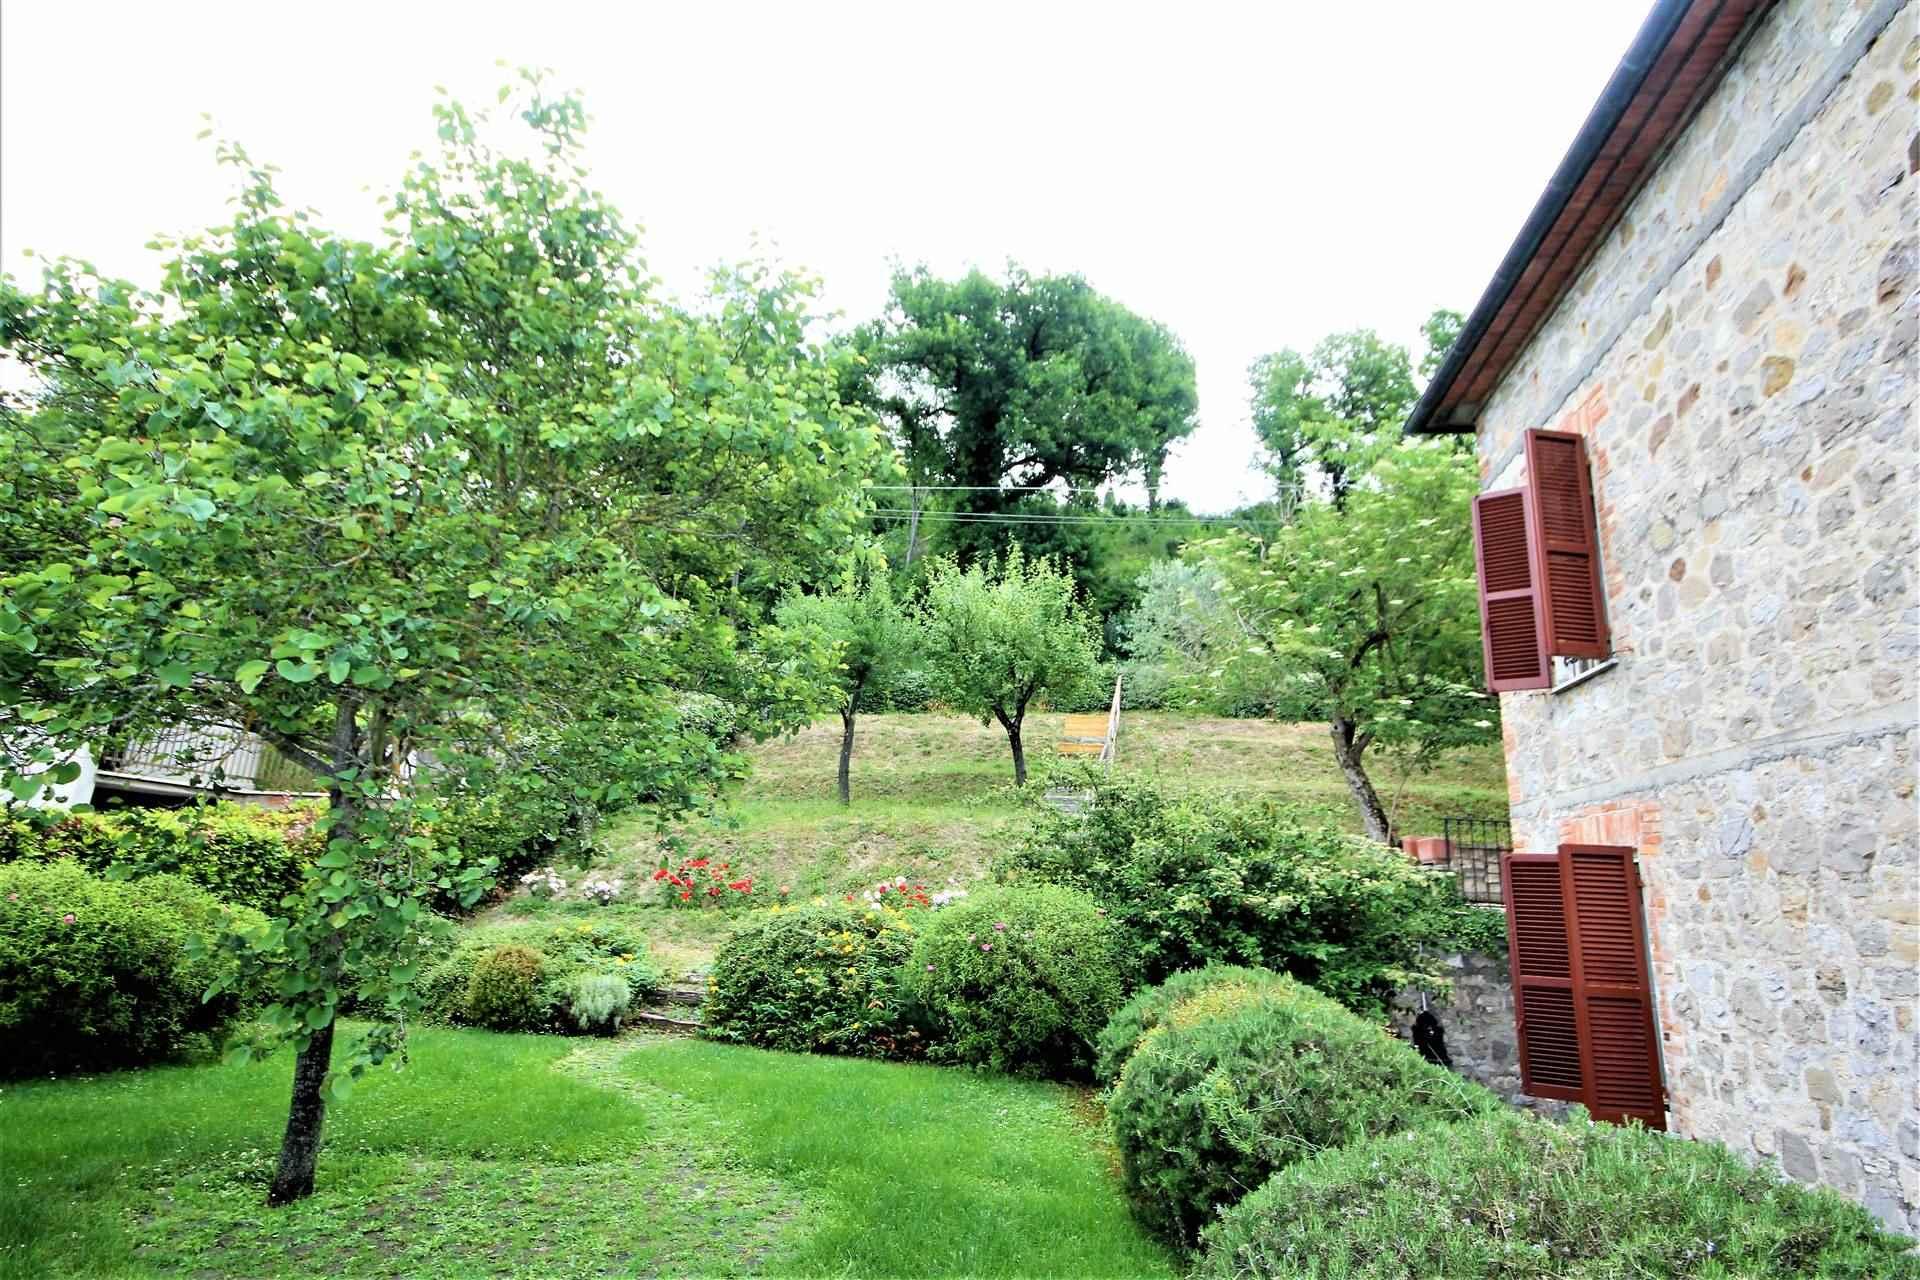 Villa in vendita a Fabro, 4 locali, zona Zona: Fabro Scalo, prezzo € 195.000   CambioCasa.it